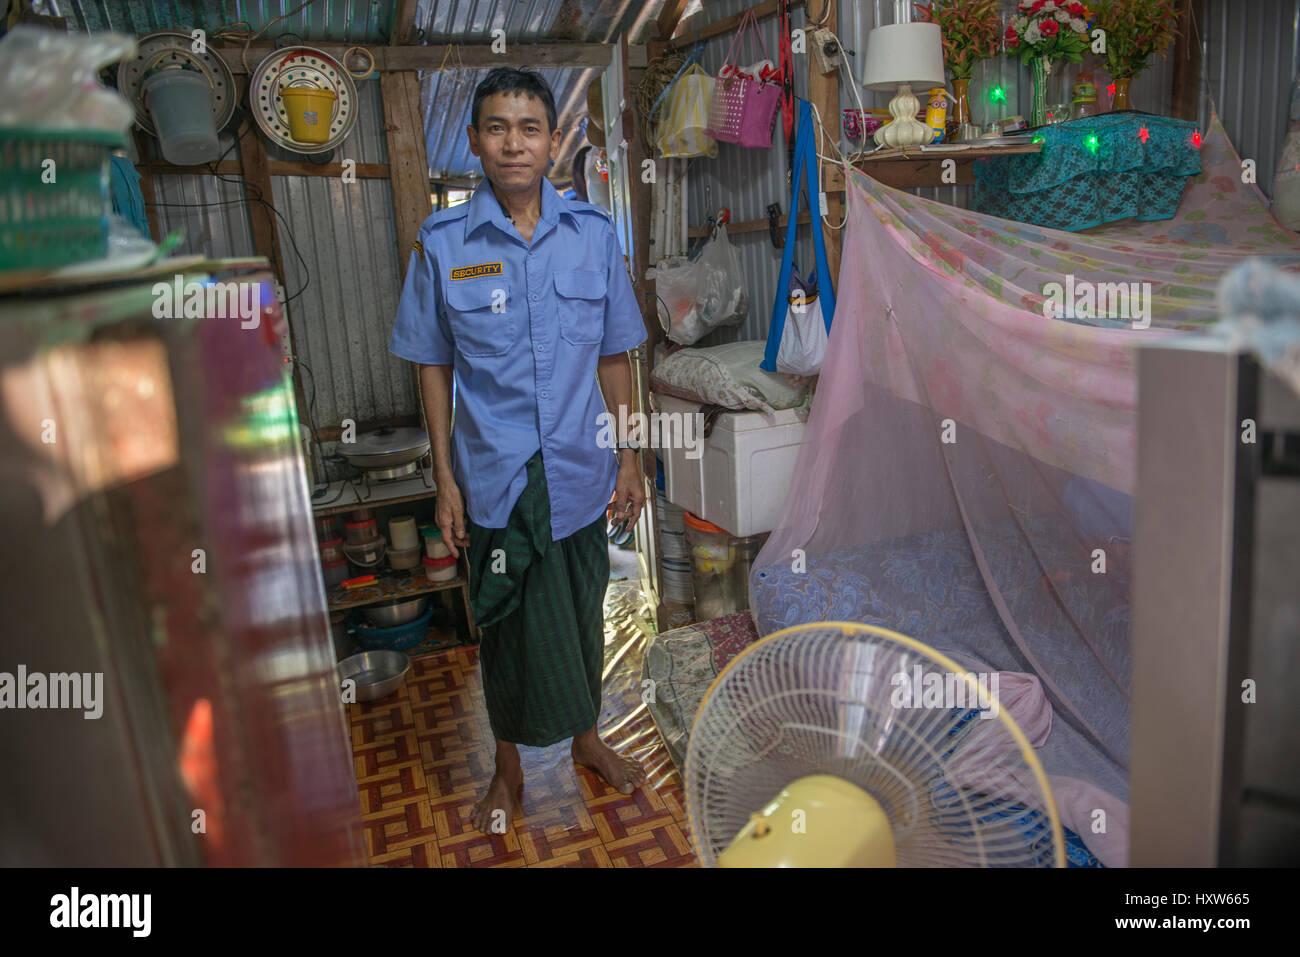 Un pauvre homme thaïlandais pose à la maison à Phuket, Thaïlande. Neuf est un garde de sécurité Photo Stock